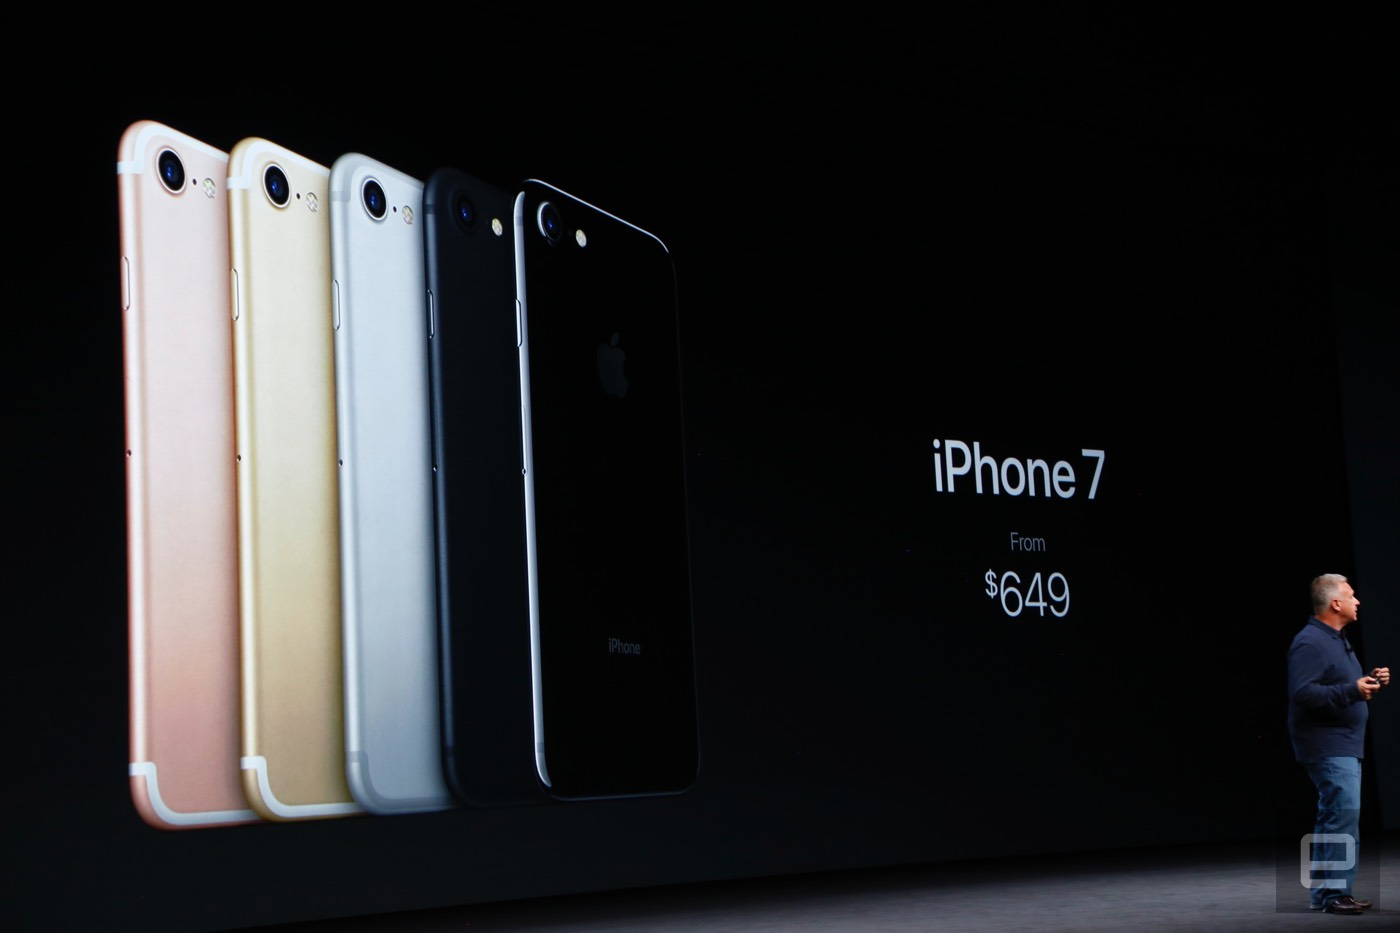 【速報】iPhone 7が正式発表された!防水、おサイフケータイ、イヤホンジャック廃止の3拍子!!!